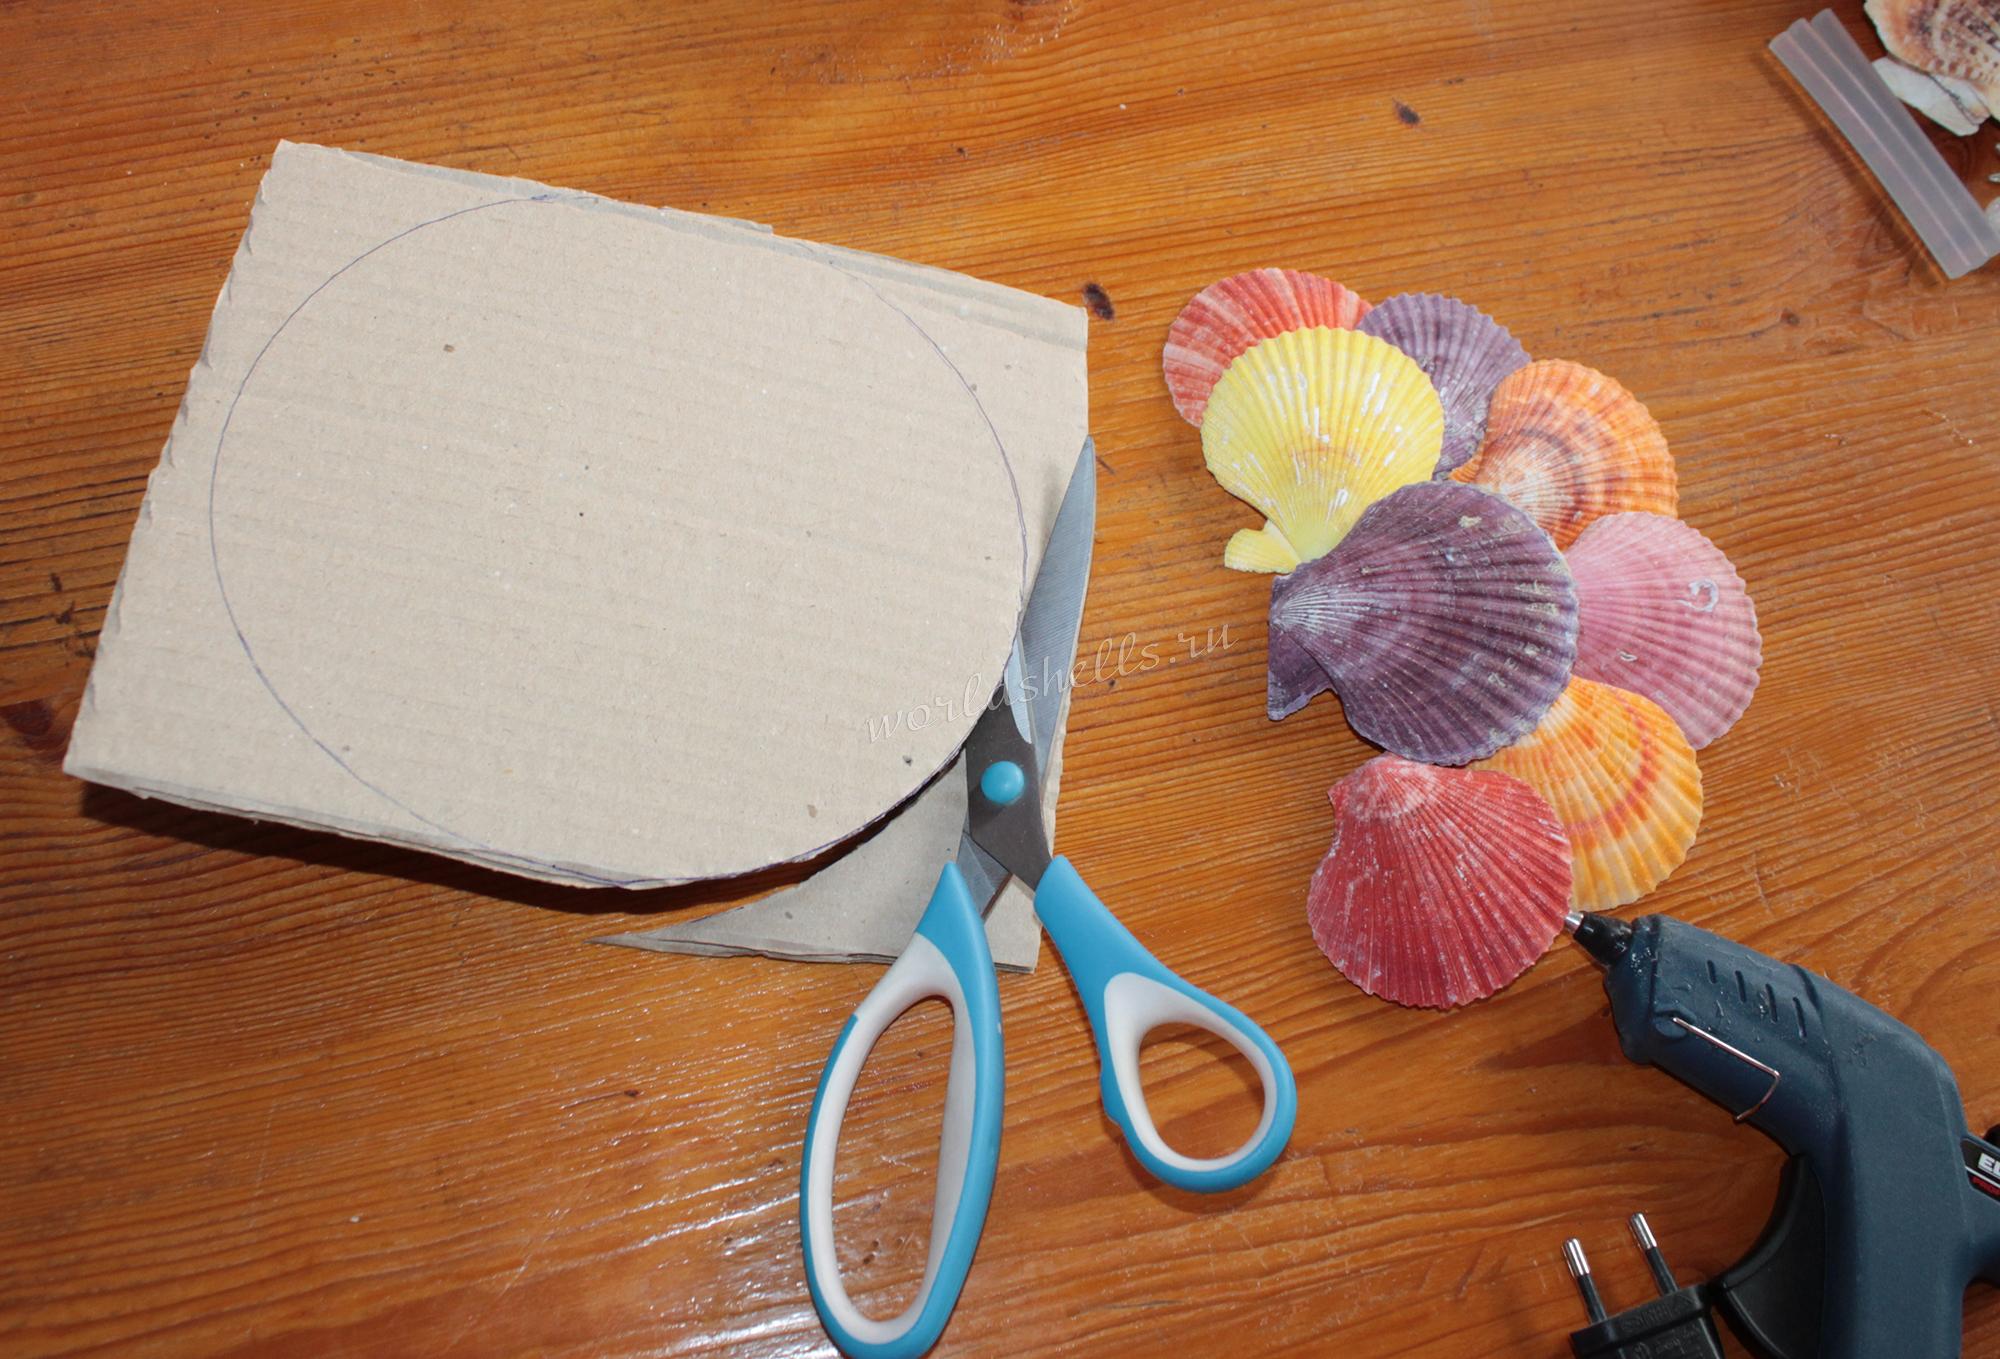 Салфетница из фанеры: видео-инструкция как сделать